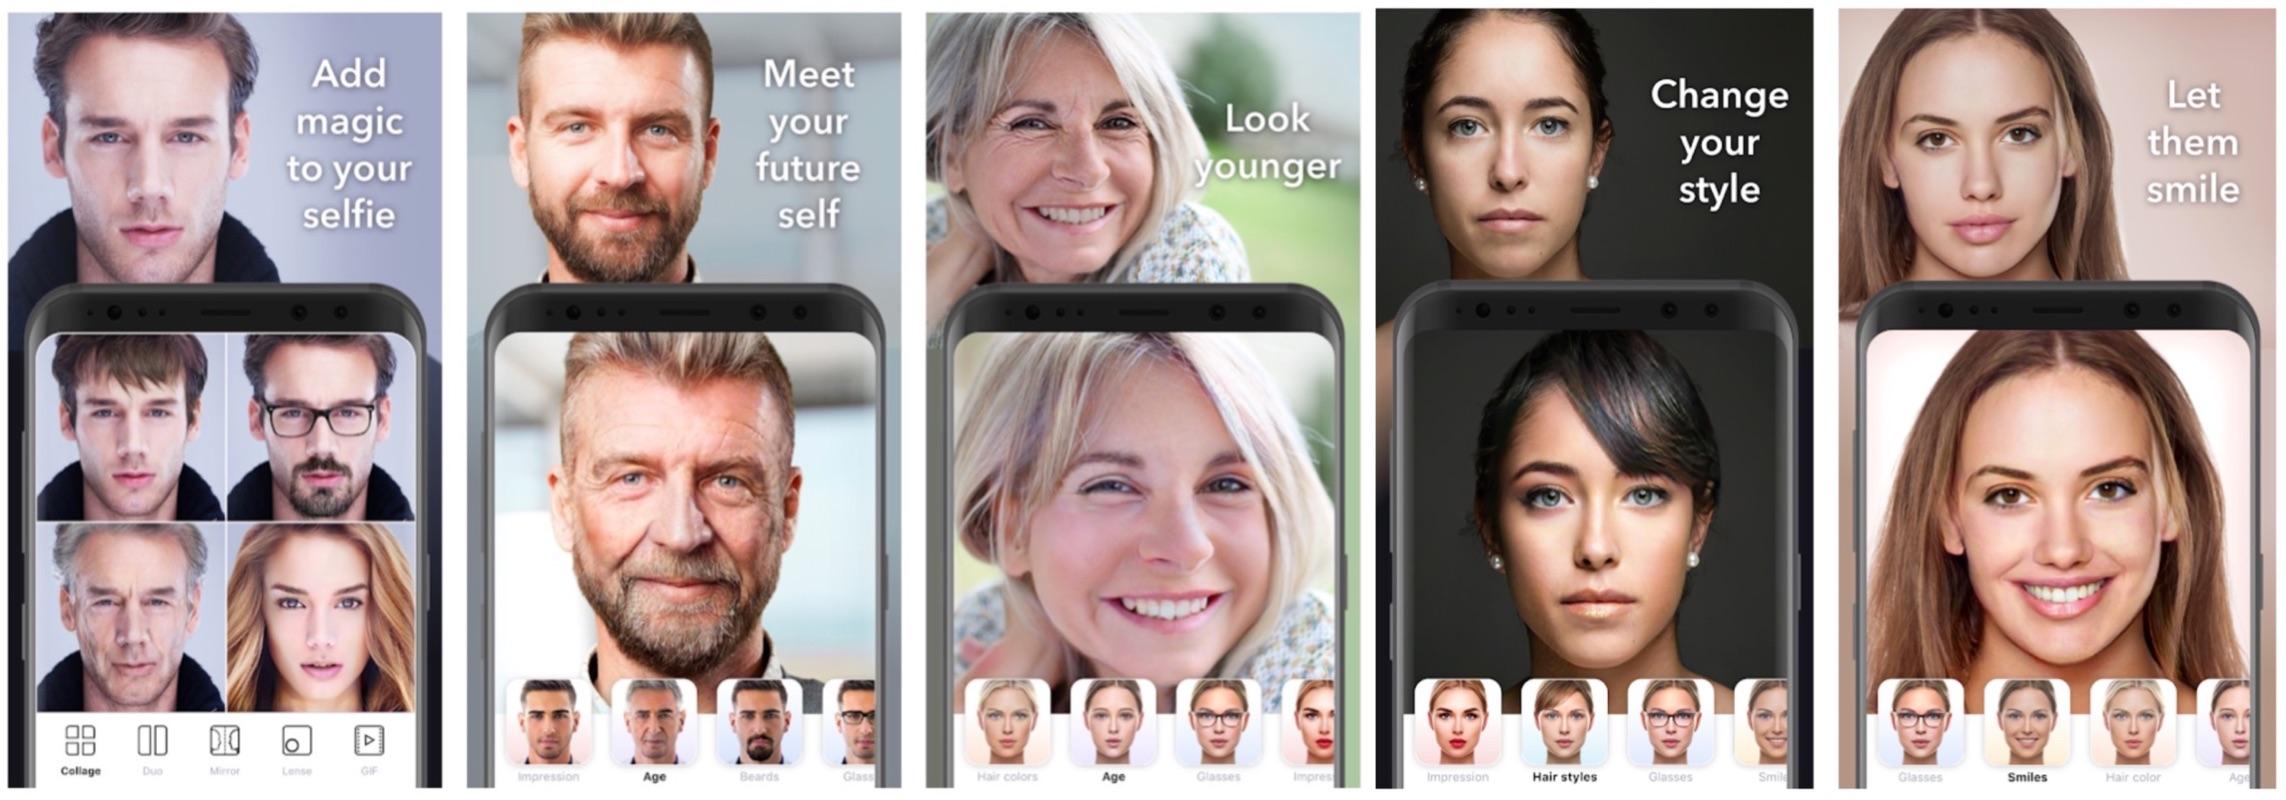 FaceApp con l'AI trasforma i volti: e i risultati sono incredibili